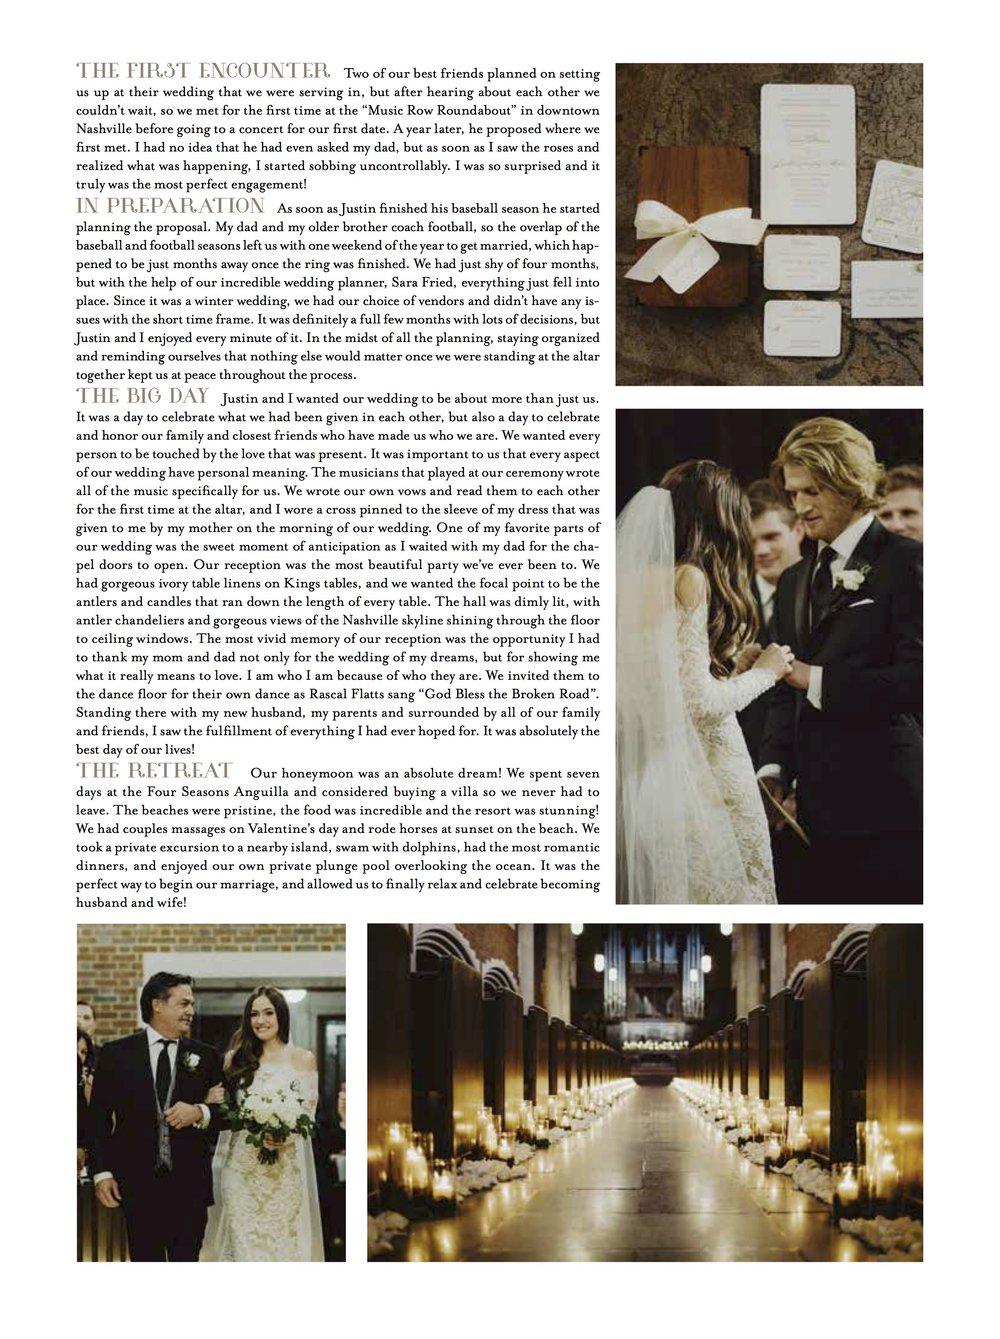 best wedding planner nashville 02.jpg